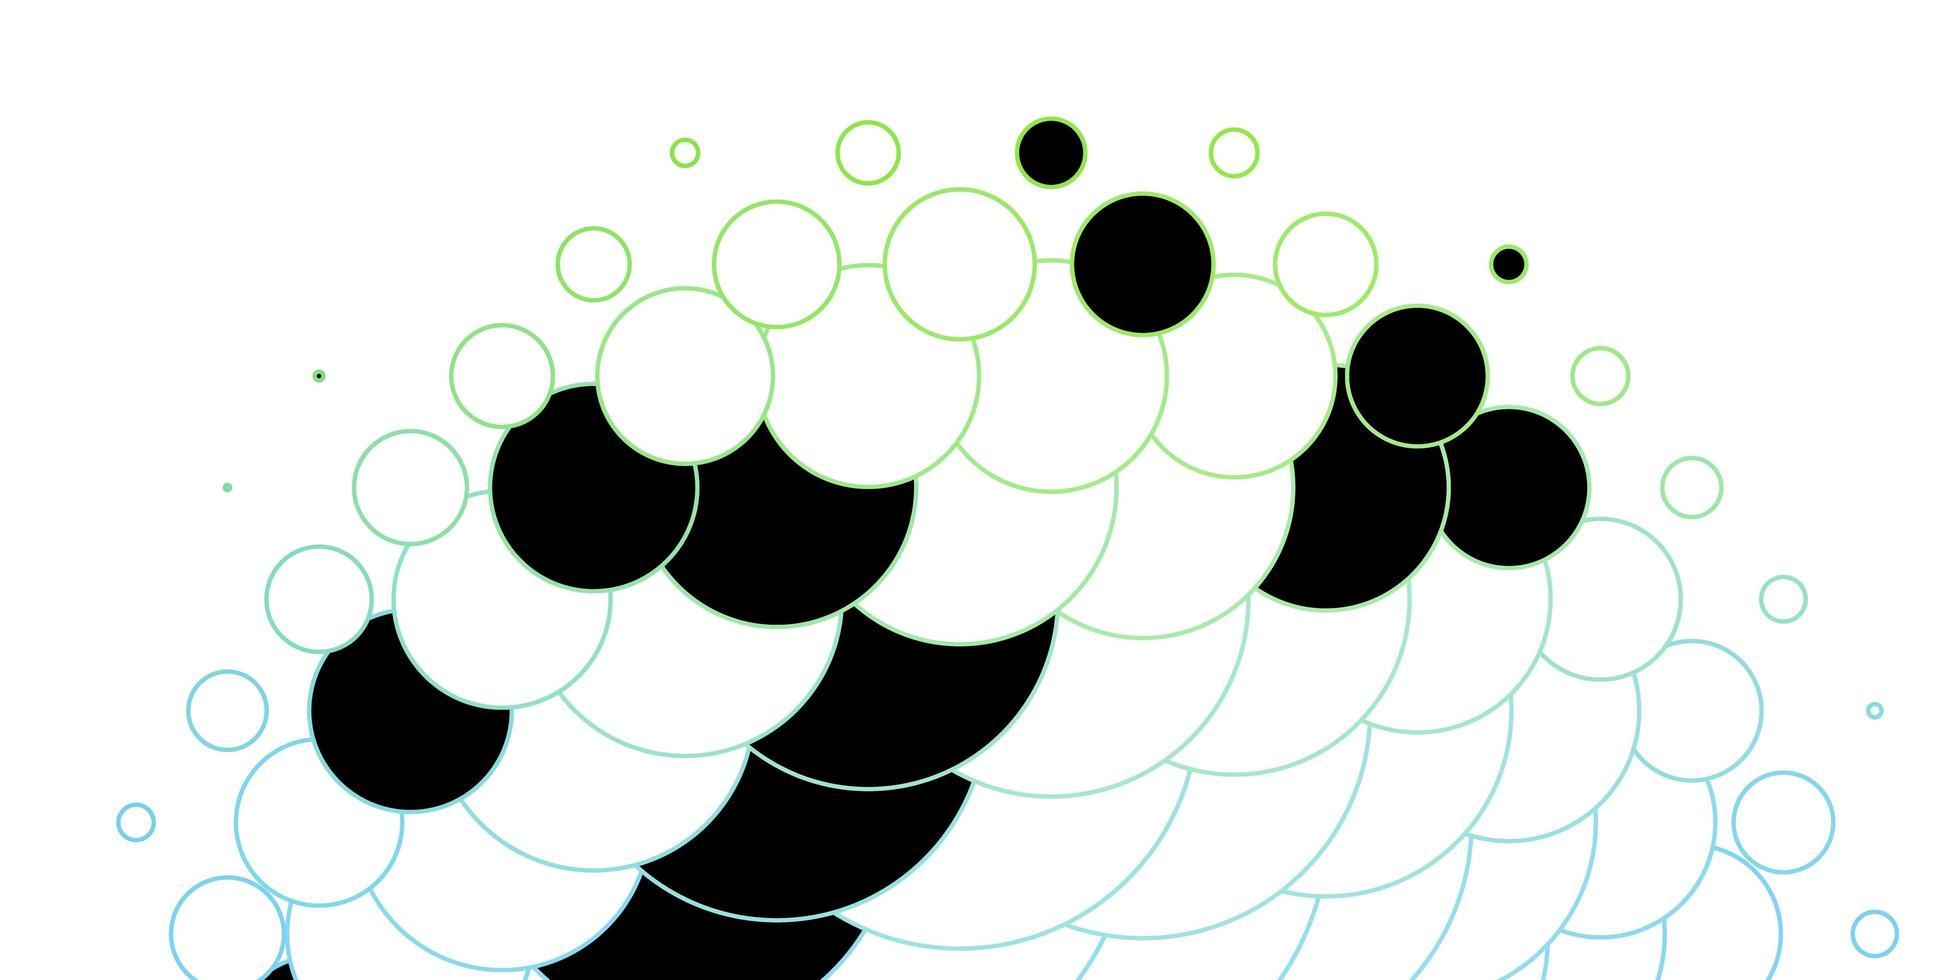 Fondo de vector azul oscuro, verde con círculos.